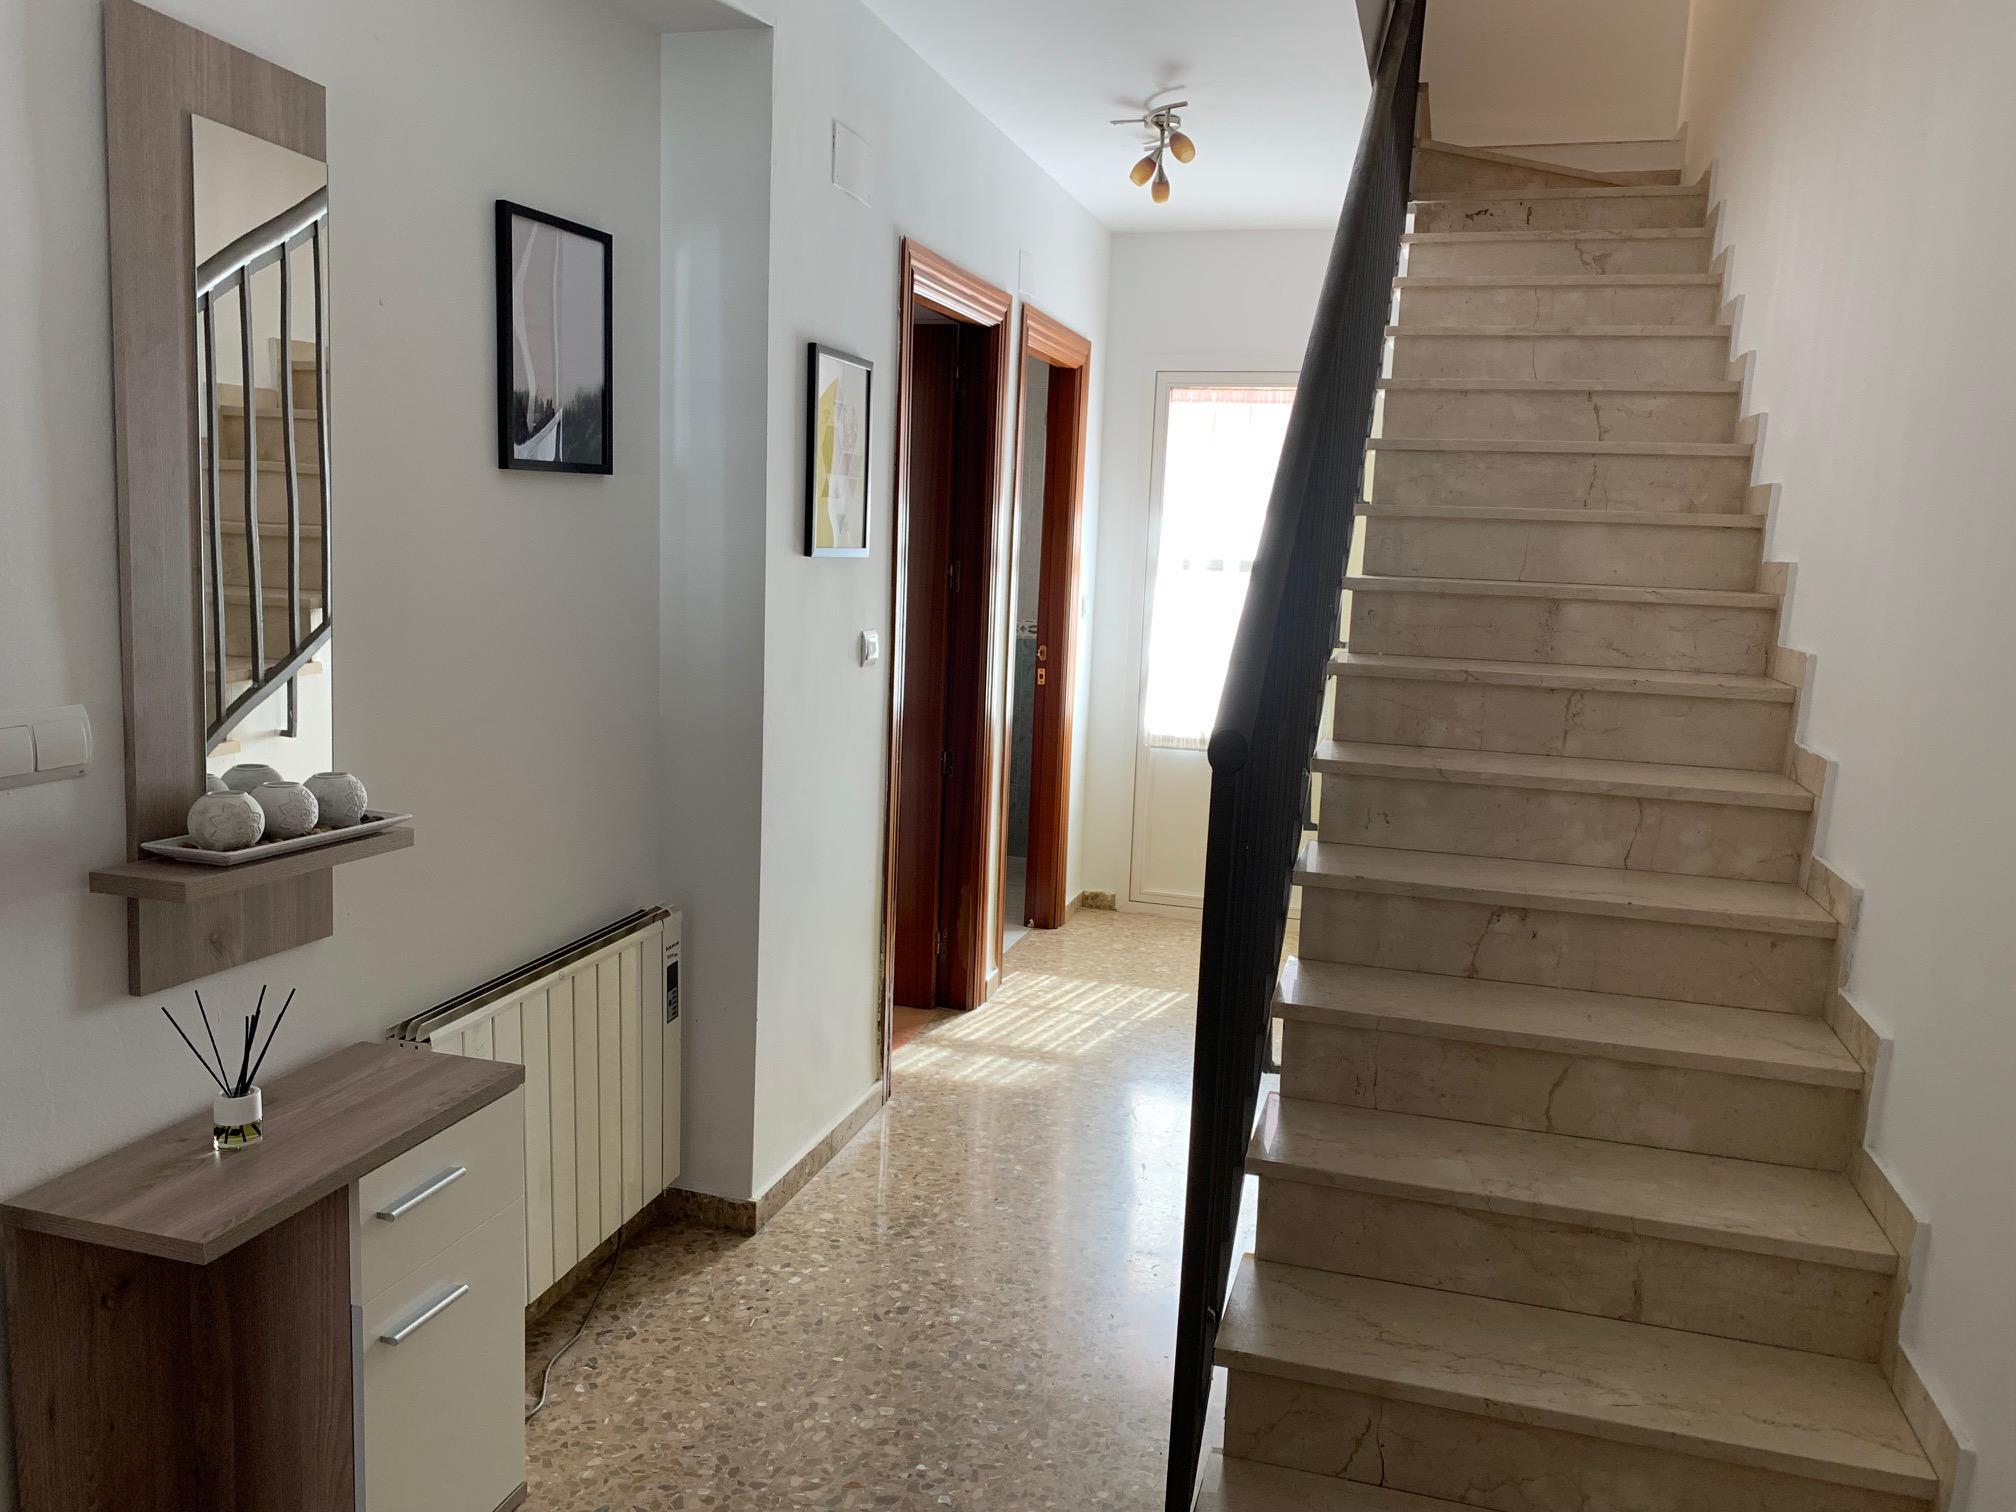 Imagen 2 Casa Adosada en alquiler en Granada / Frente a Farmacia Santa María 24H